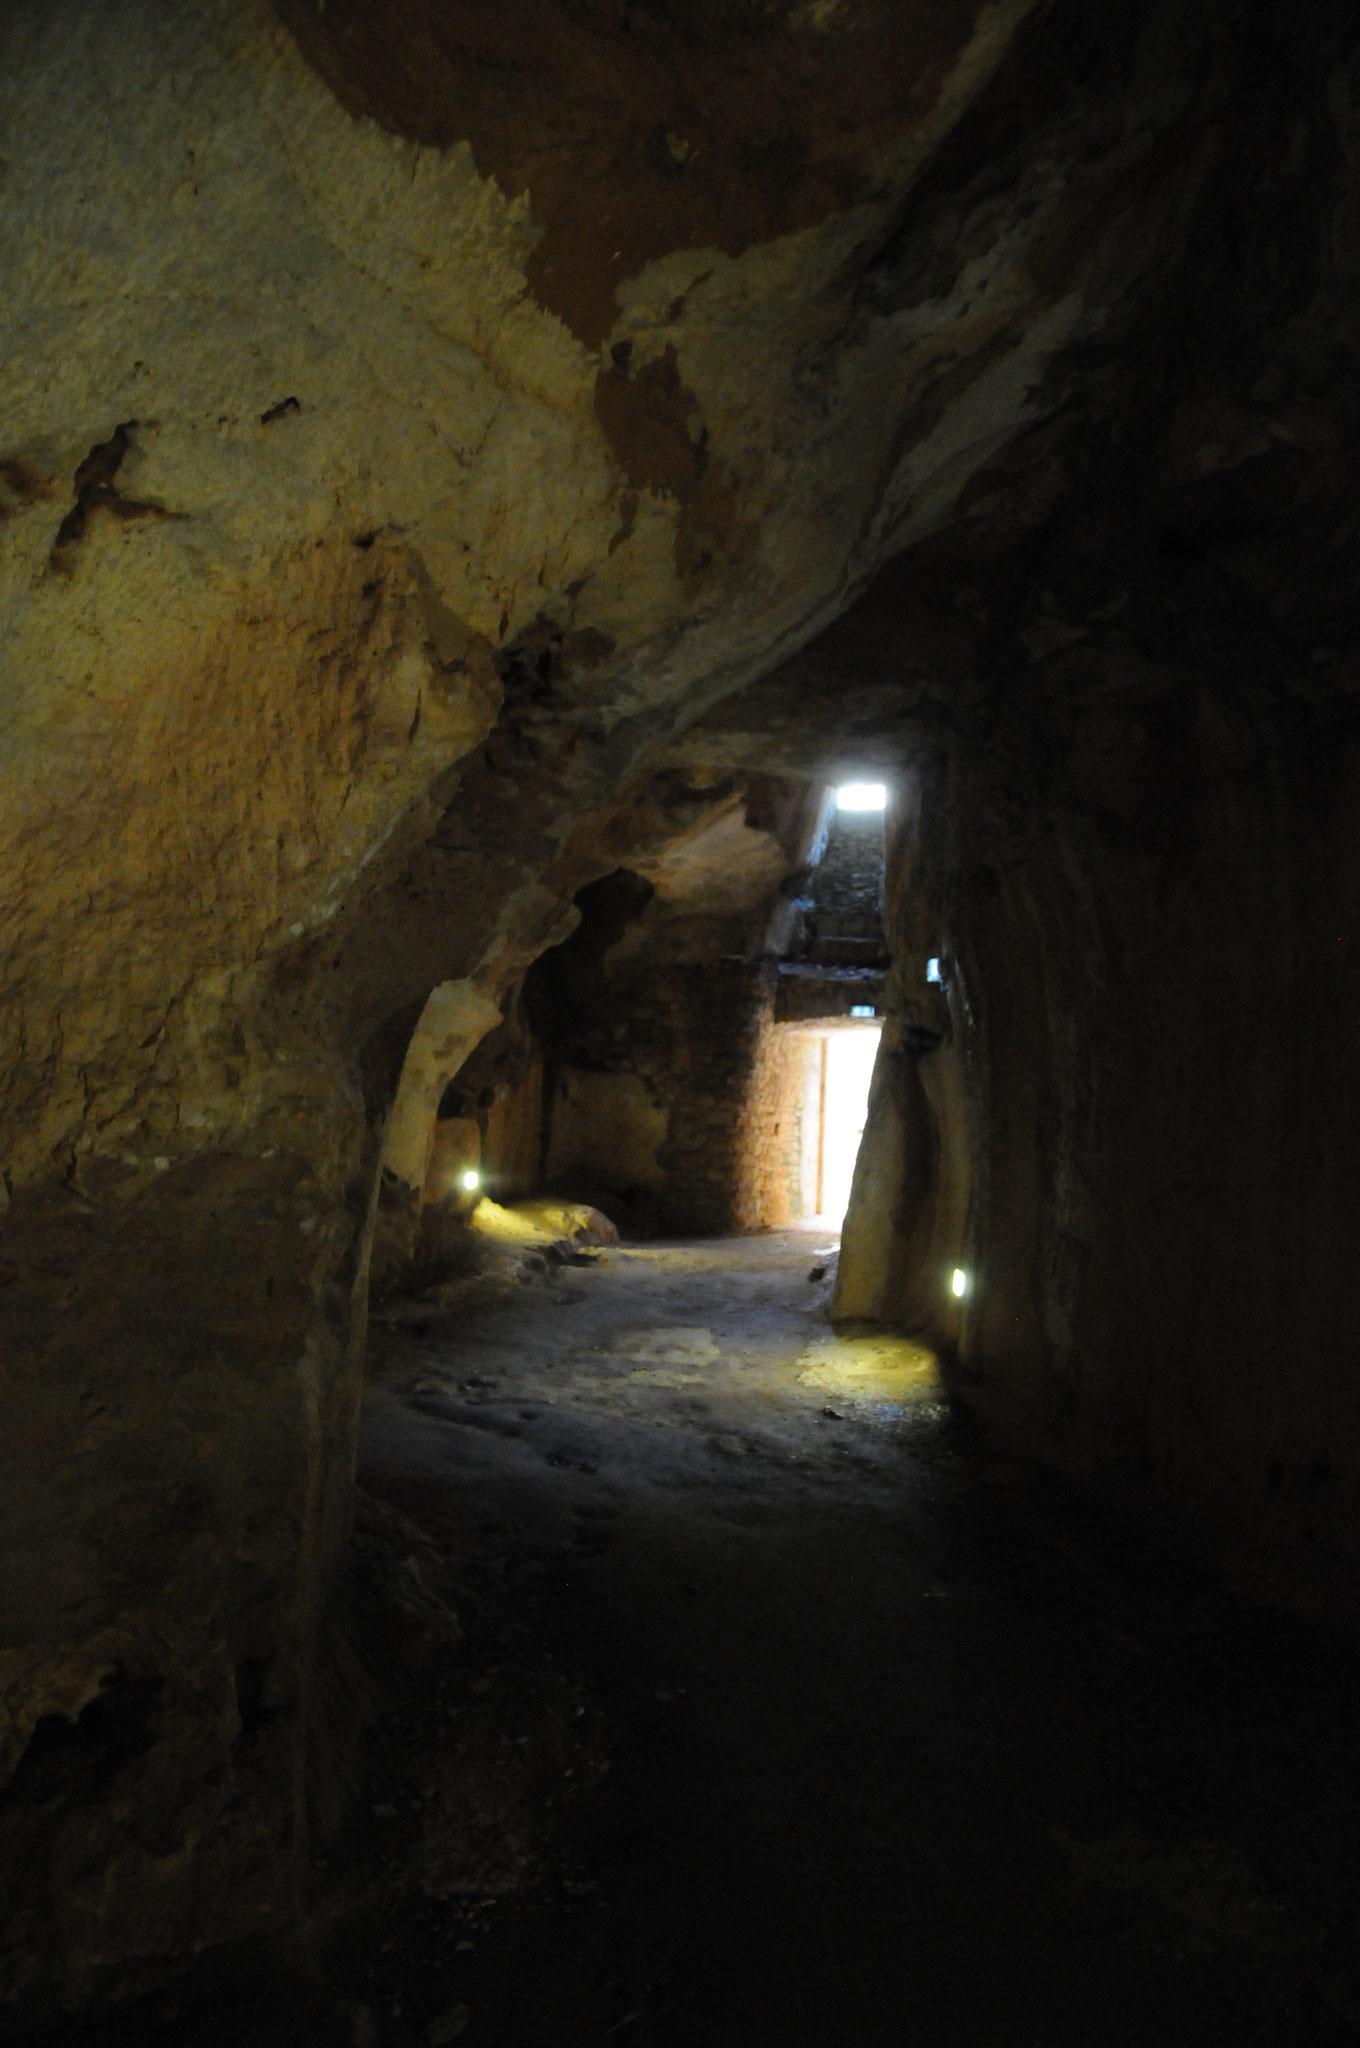 Le château de Bonaguil : grotte naturelle débouchant sur les lices orientales